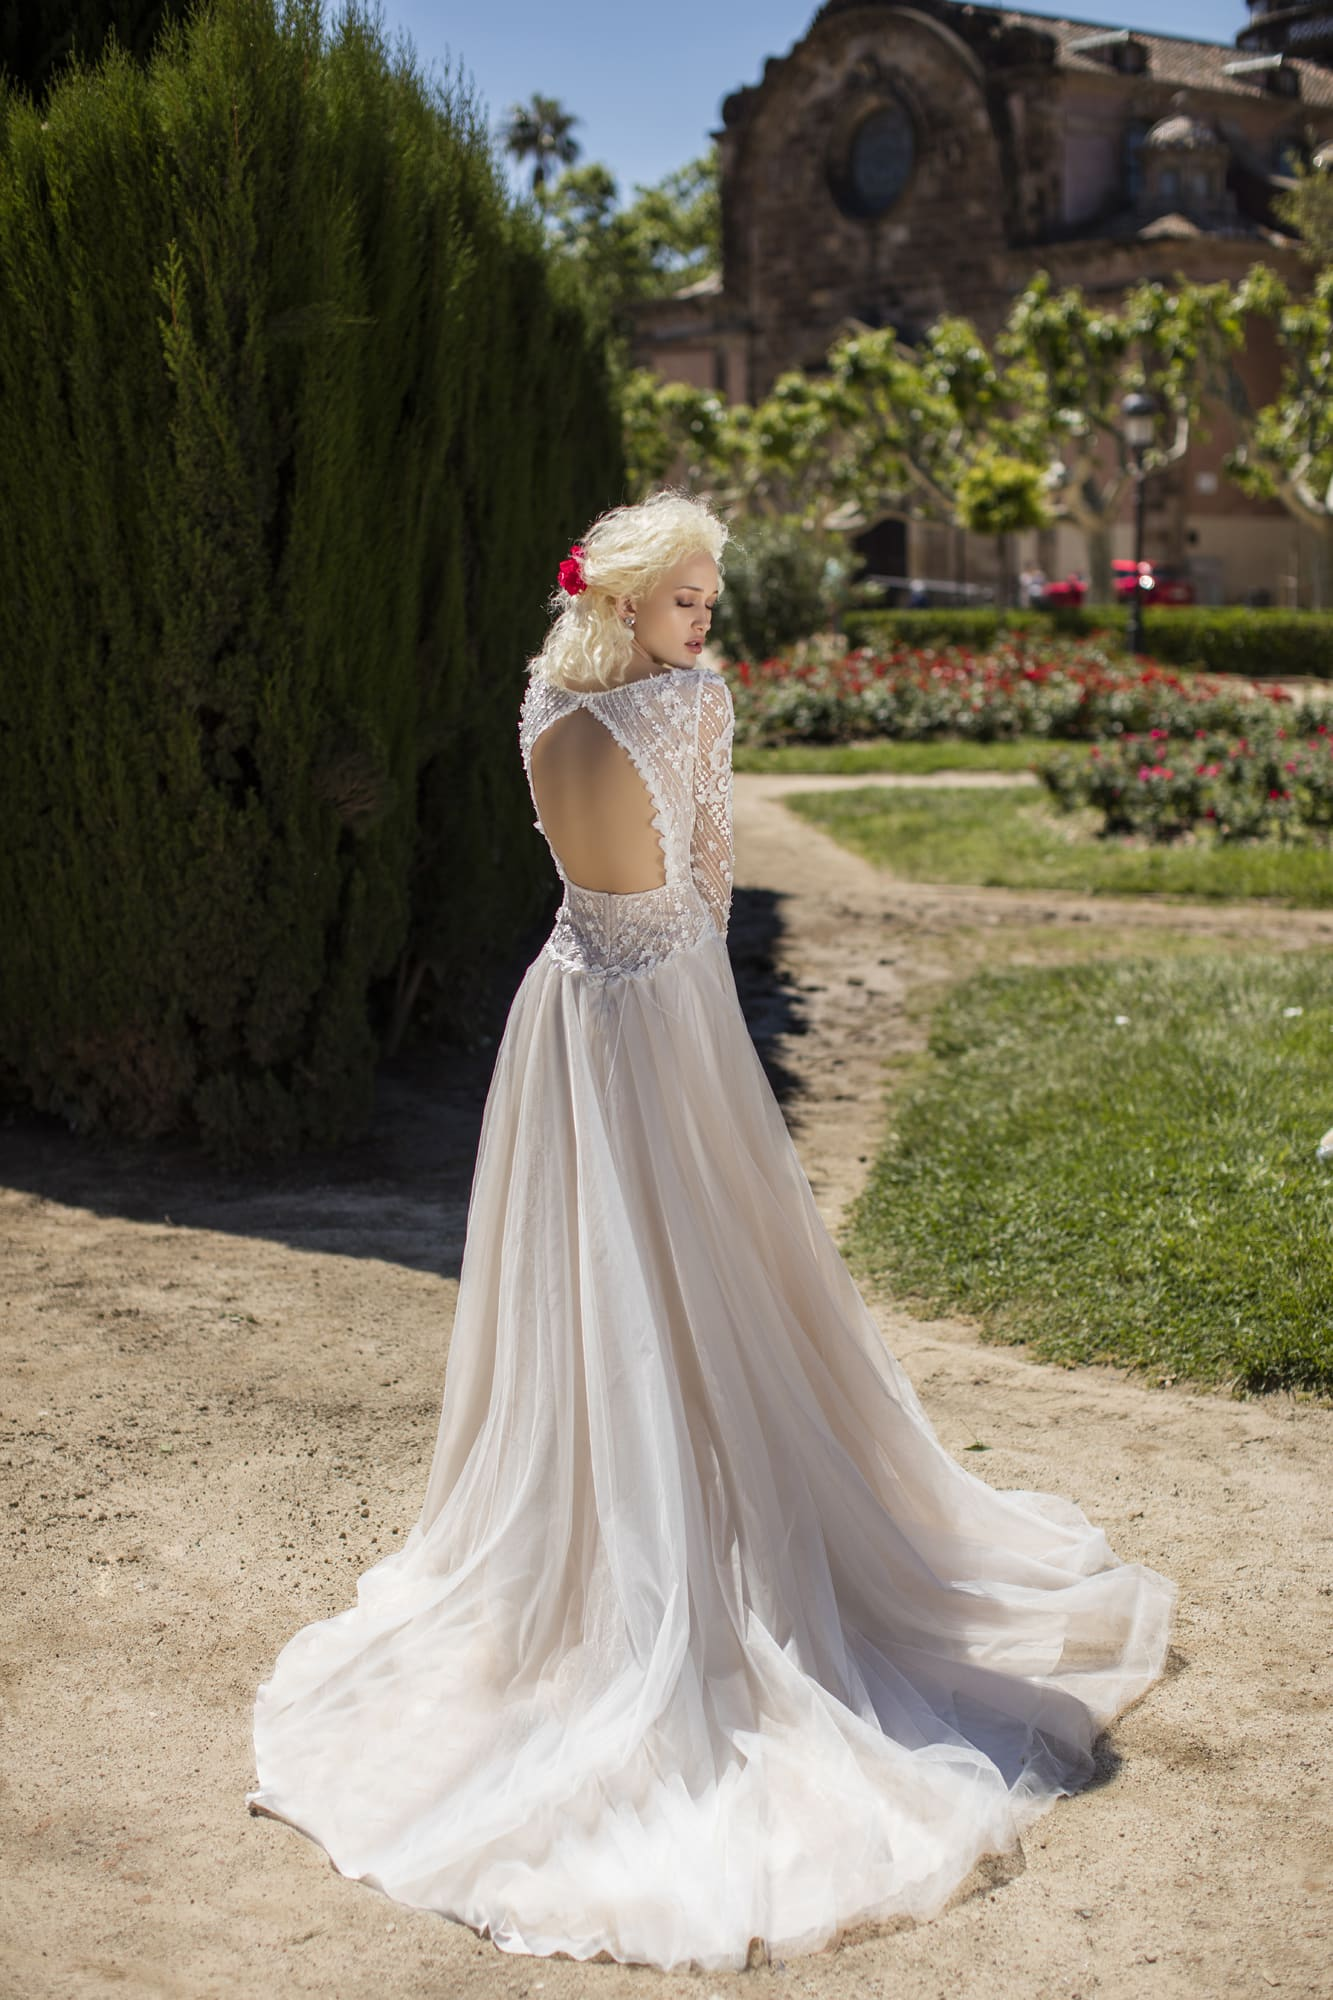 Стильное закрытое свадебное платье молочно-белого цвета с заниженной линией талии